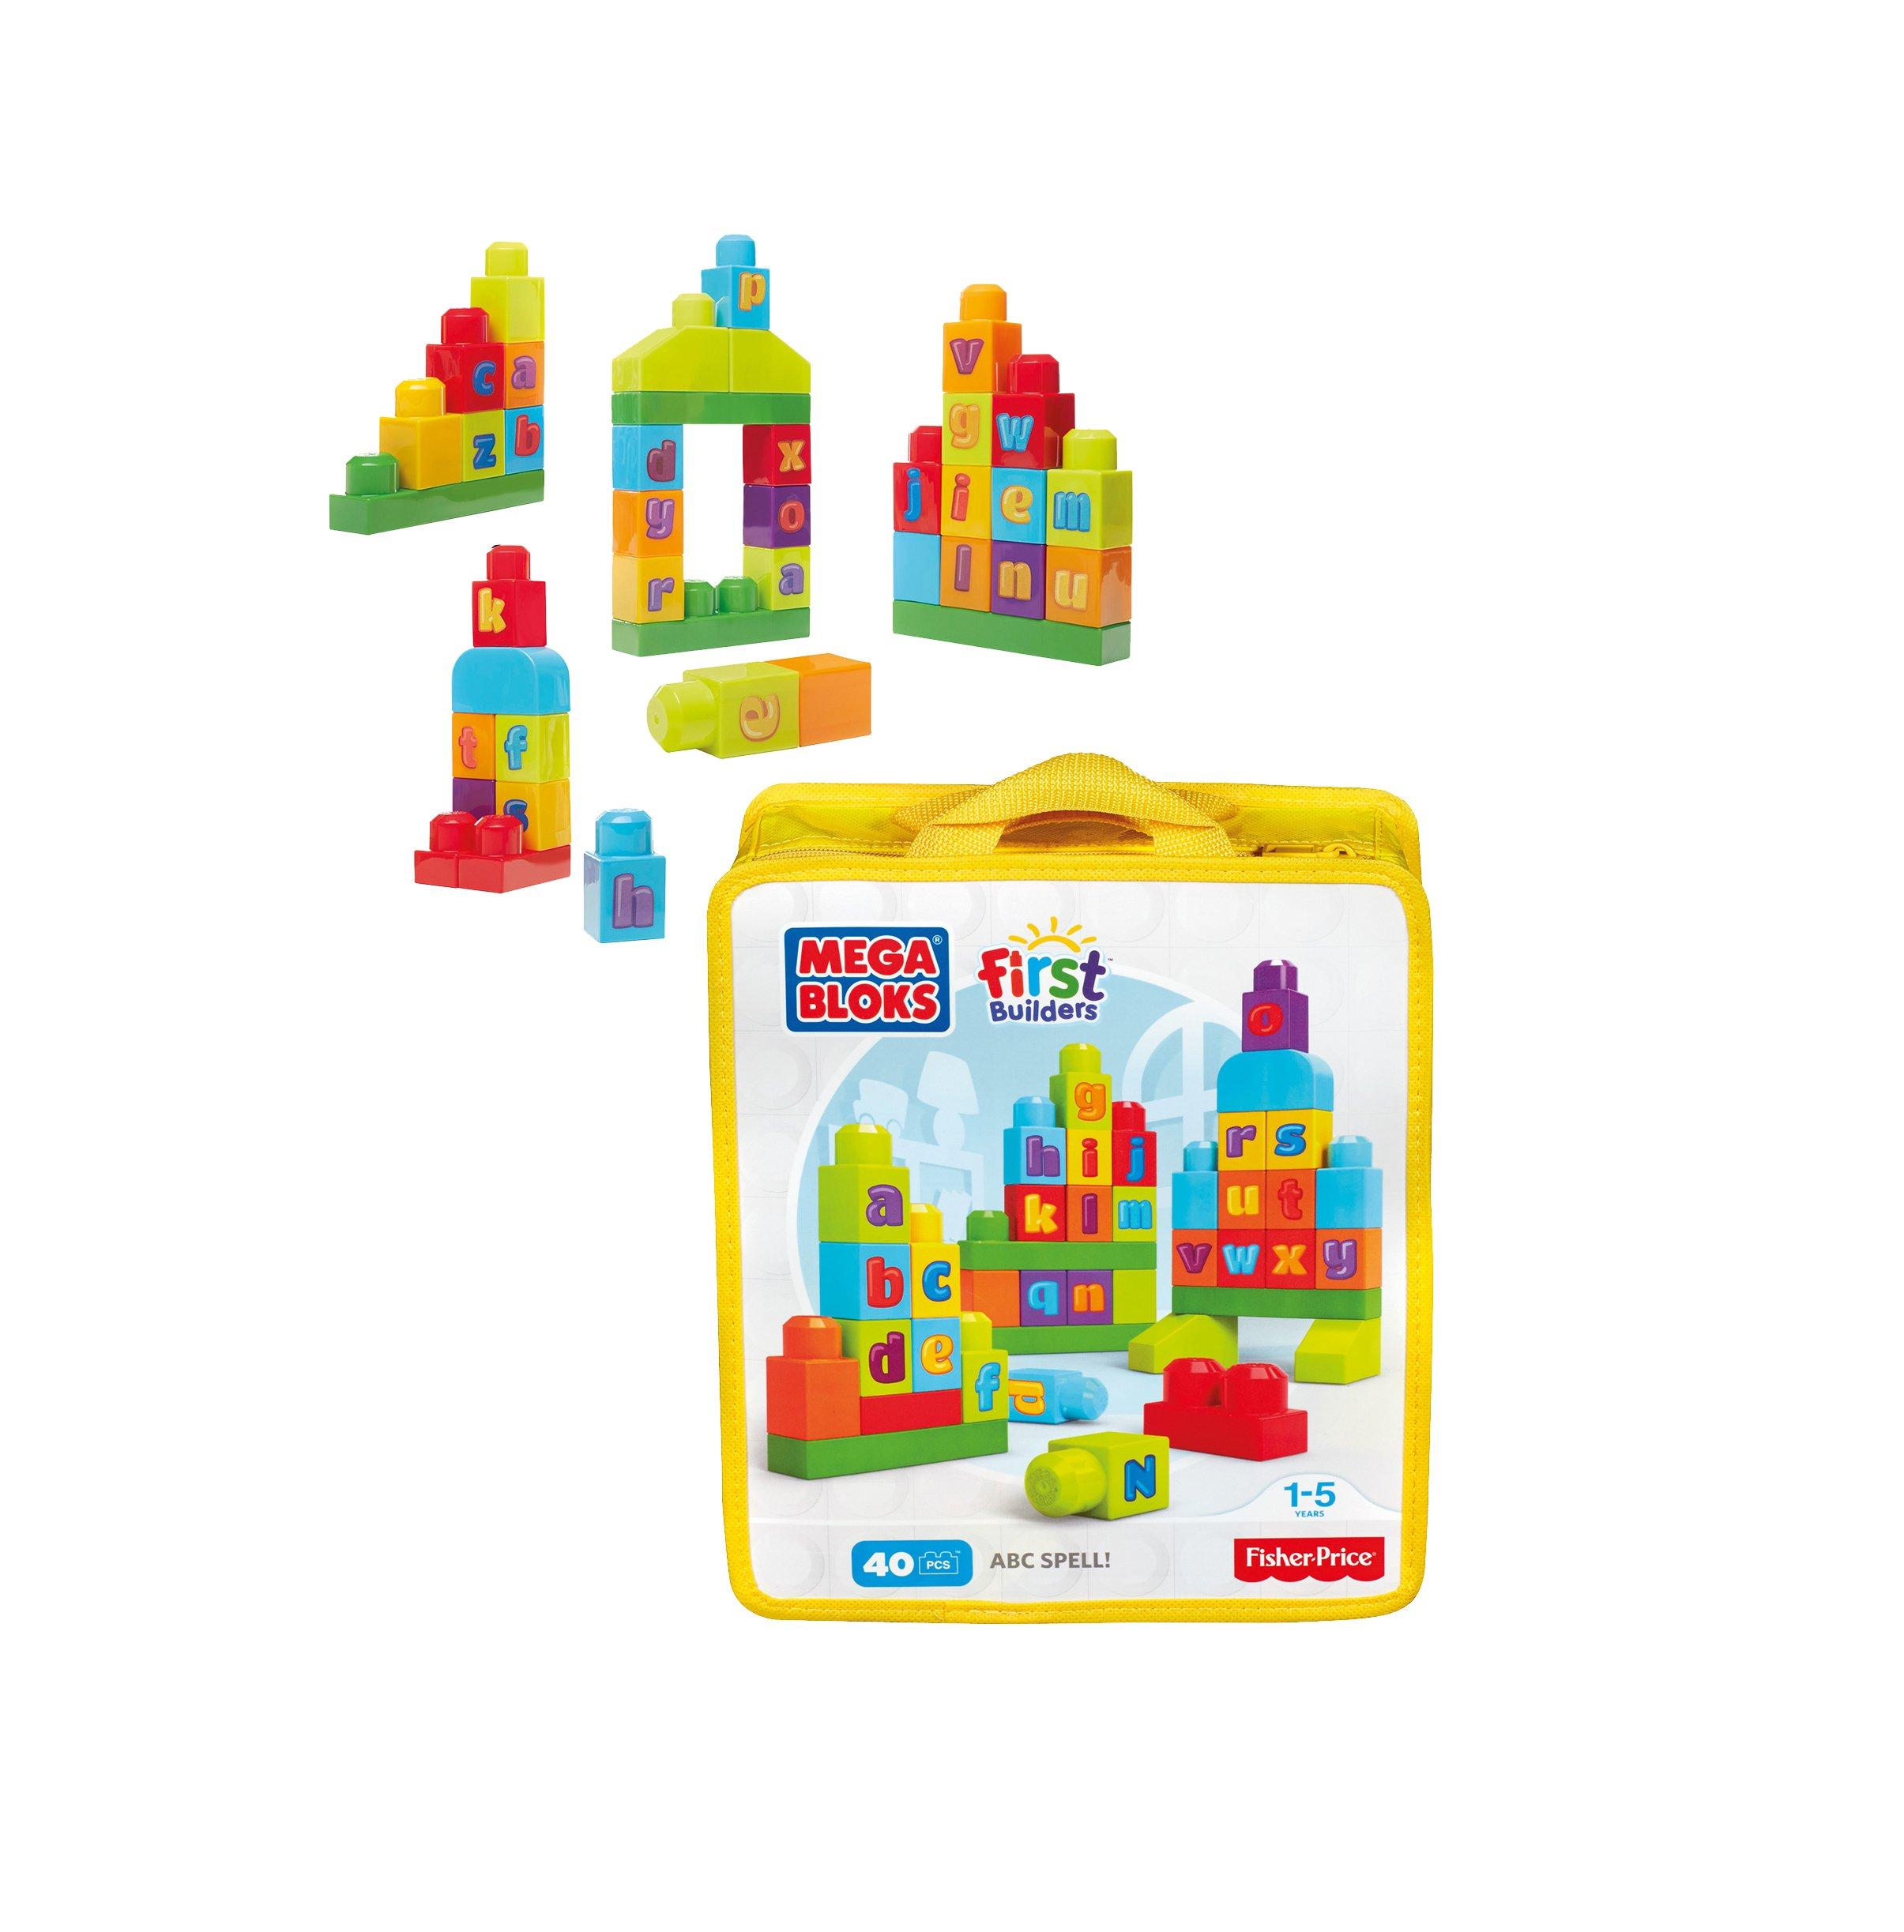 Mega Bloks ABC Spell!